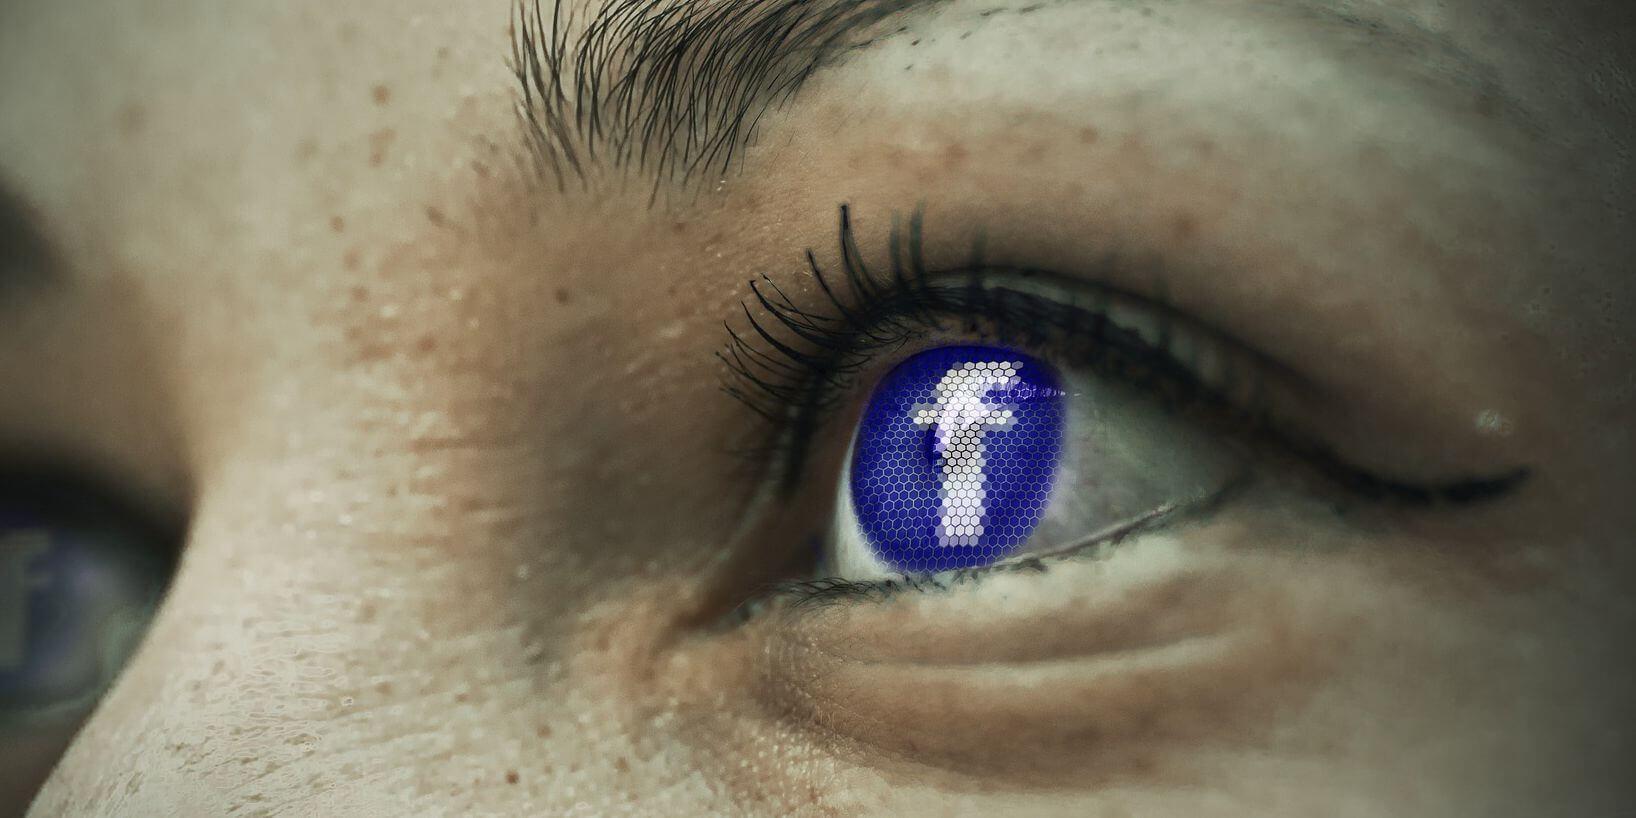 Augen in Nahaufnehme, in deren Iris das Facebooklogo leuchtet